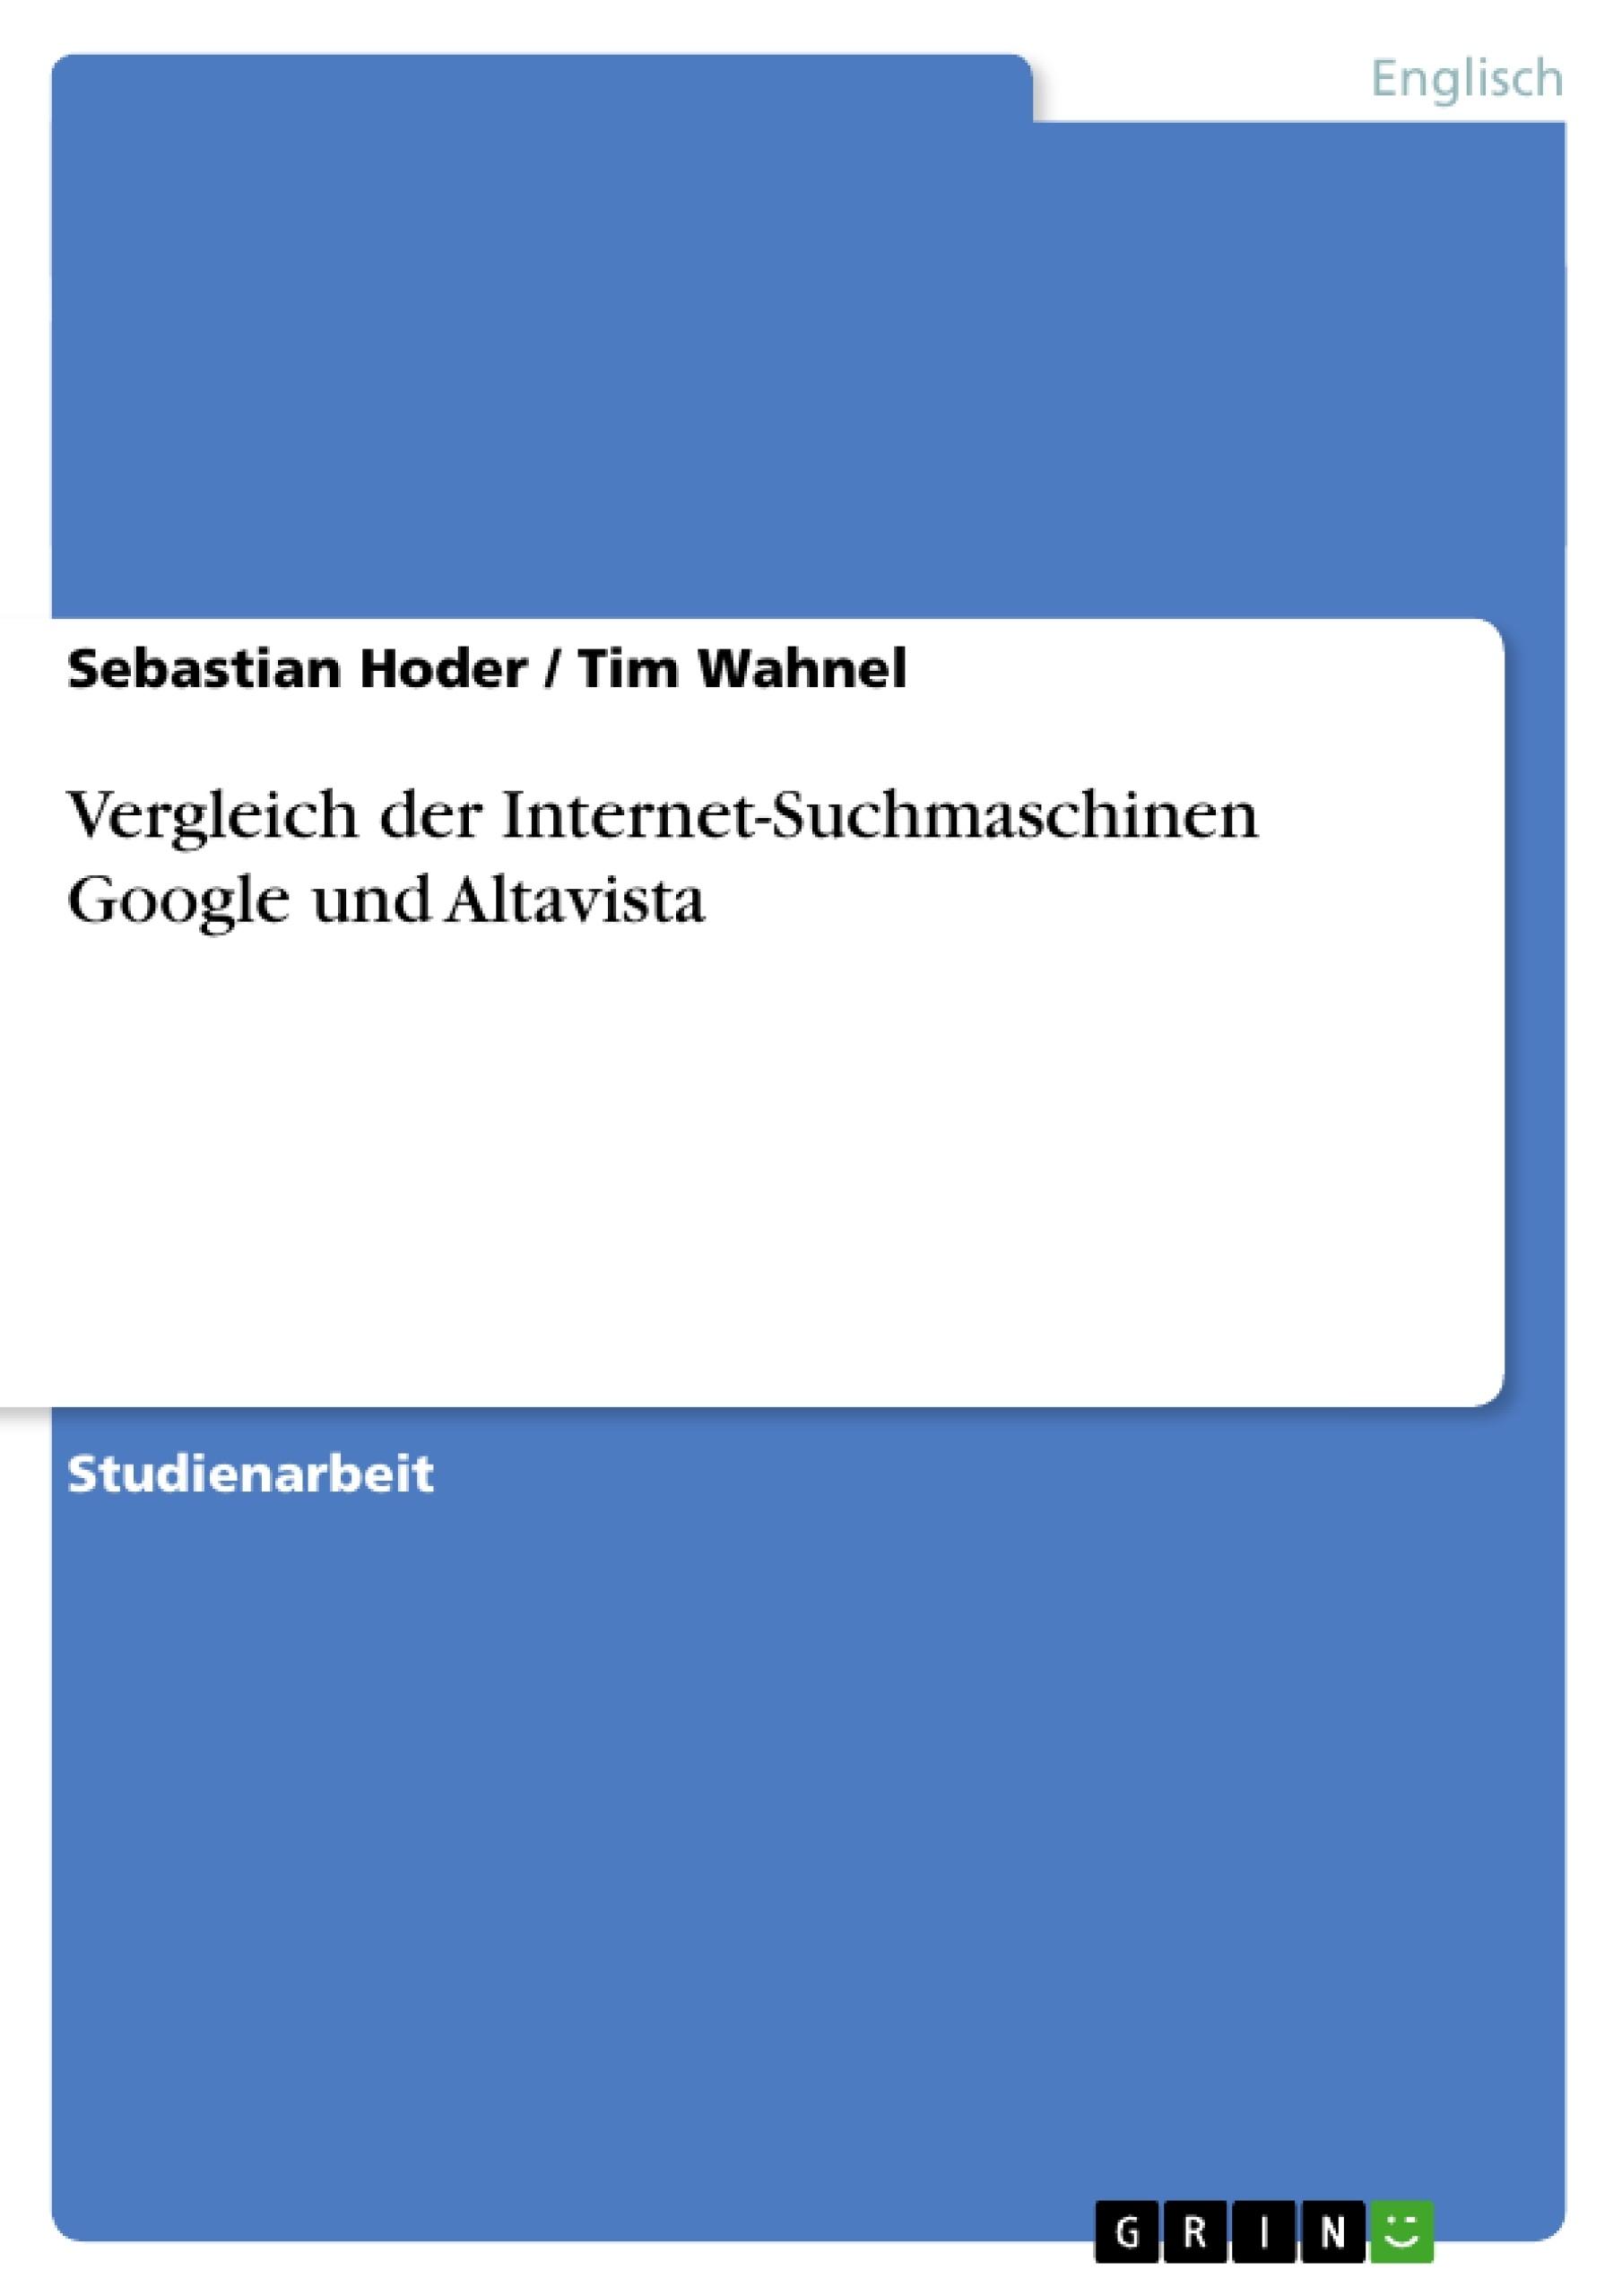 Titel: Vergleich der Internet-Suchmaschinen Google und Altavista